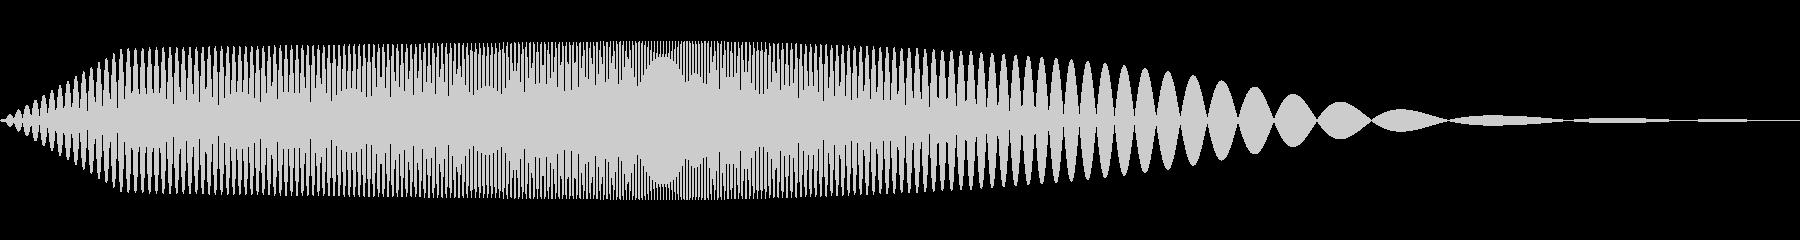 かわいいUI操作音 ポウッの未再生の波形